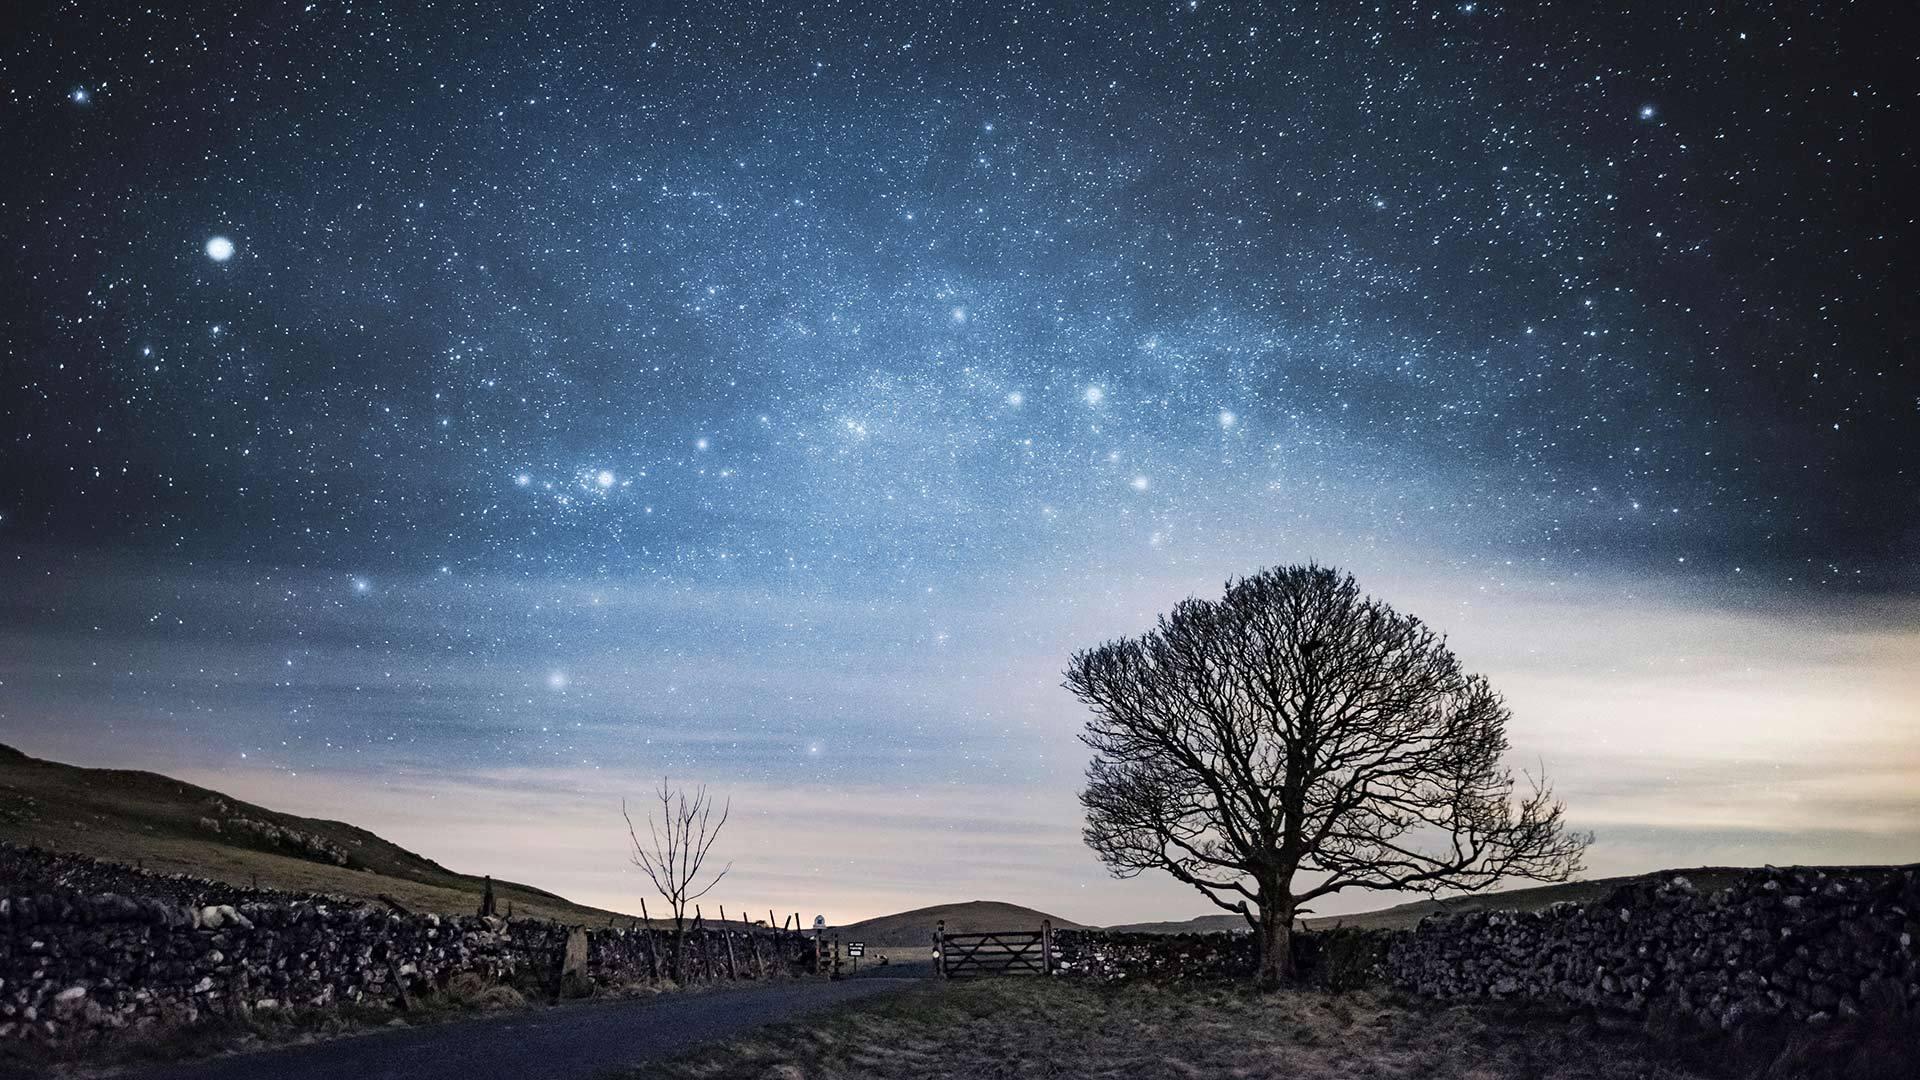 马勒姆的夜空夜空